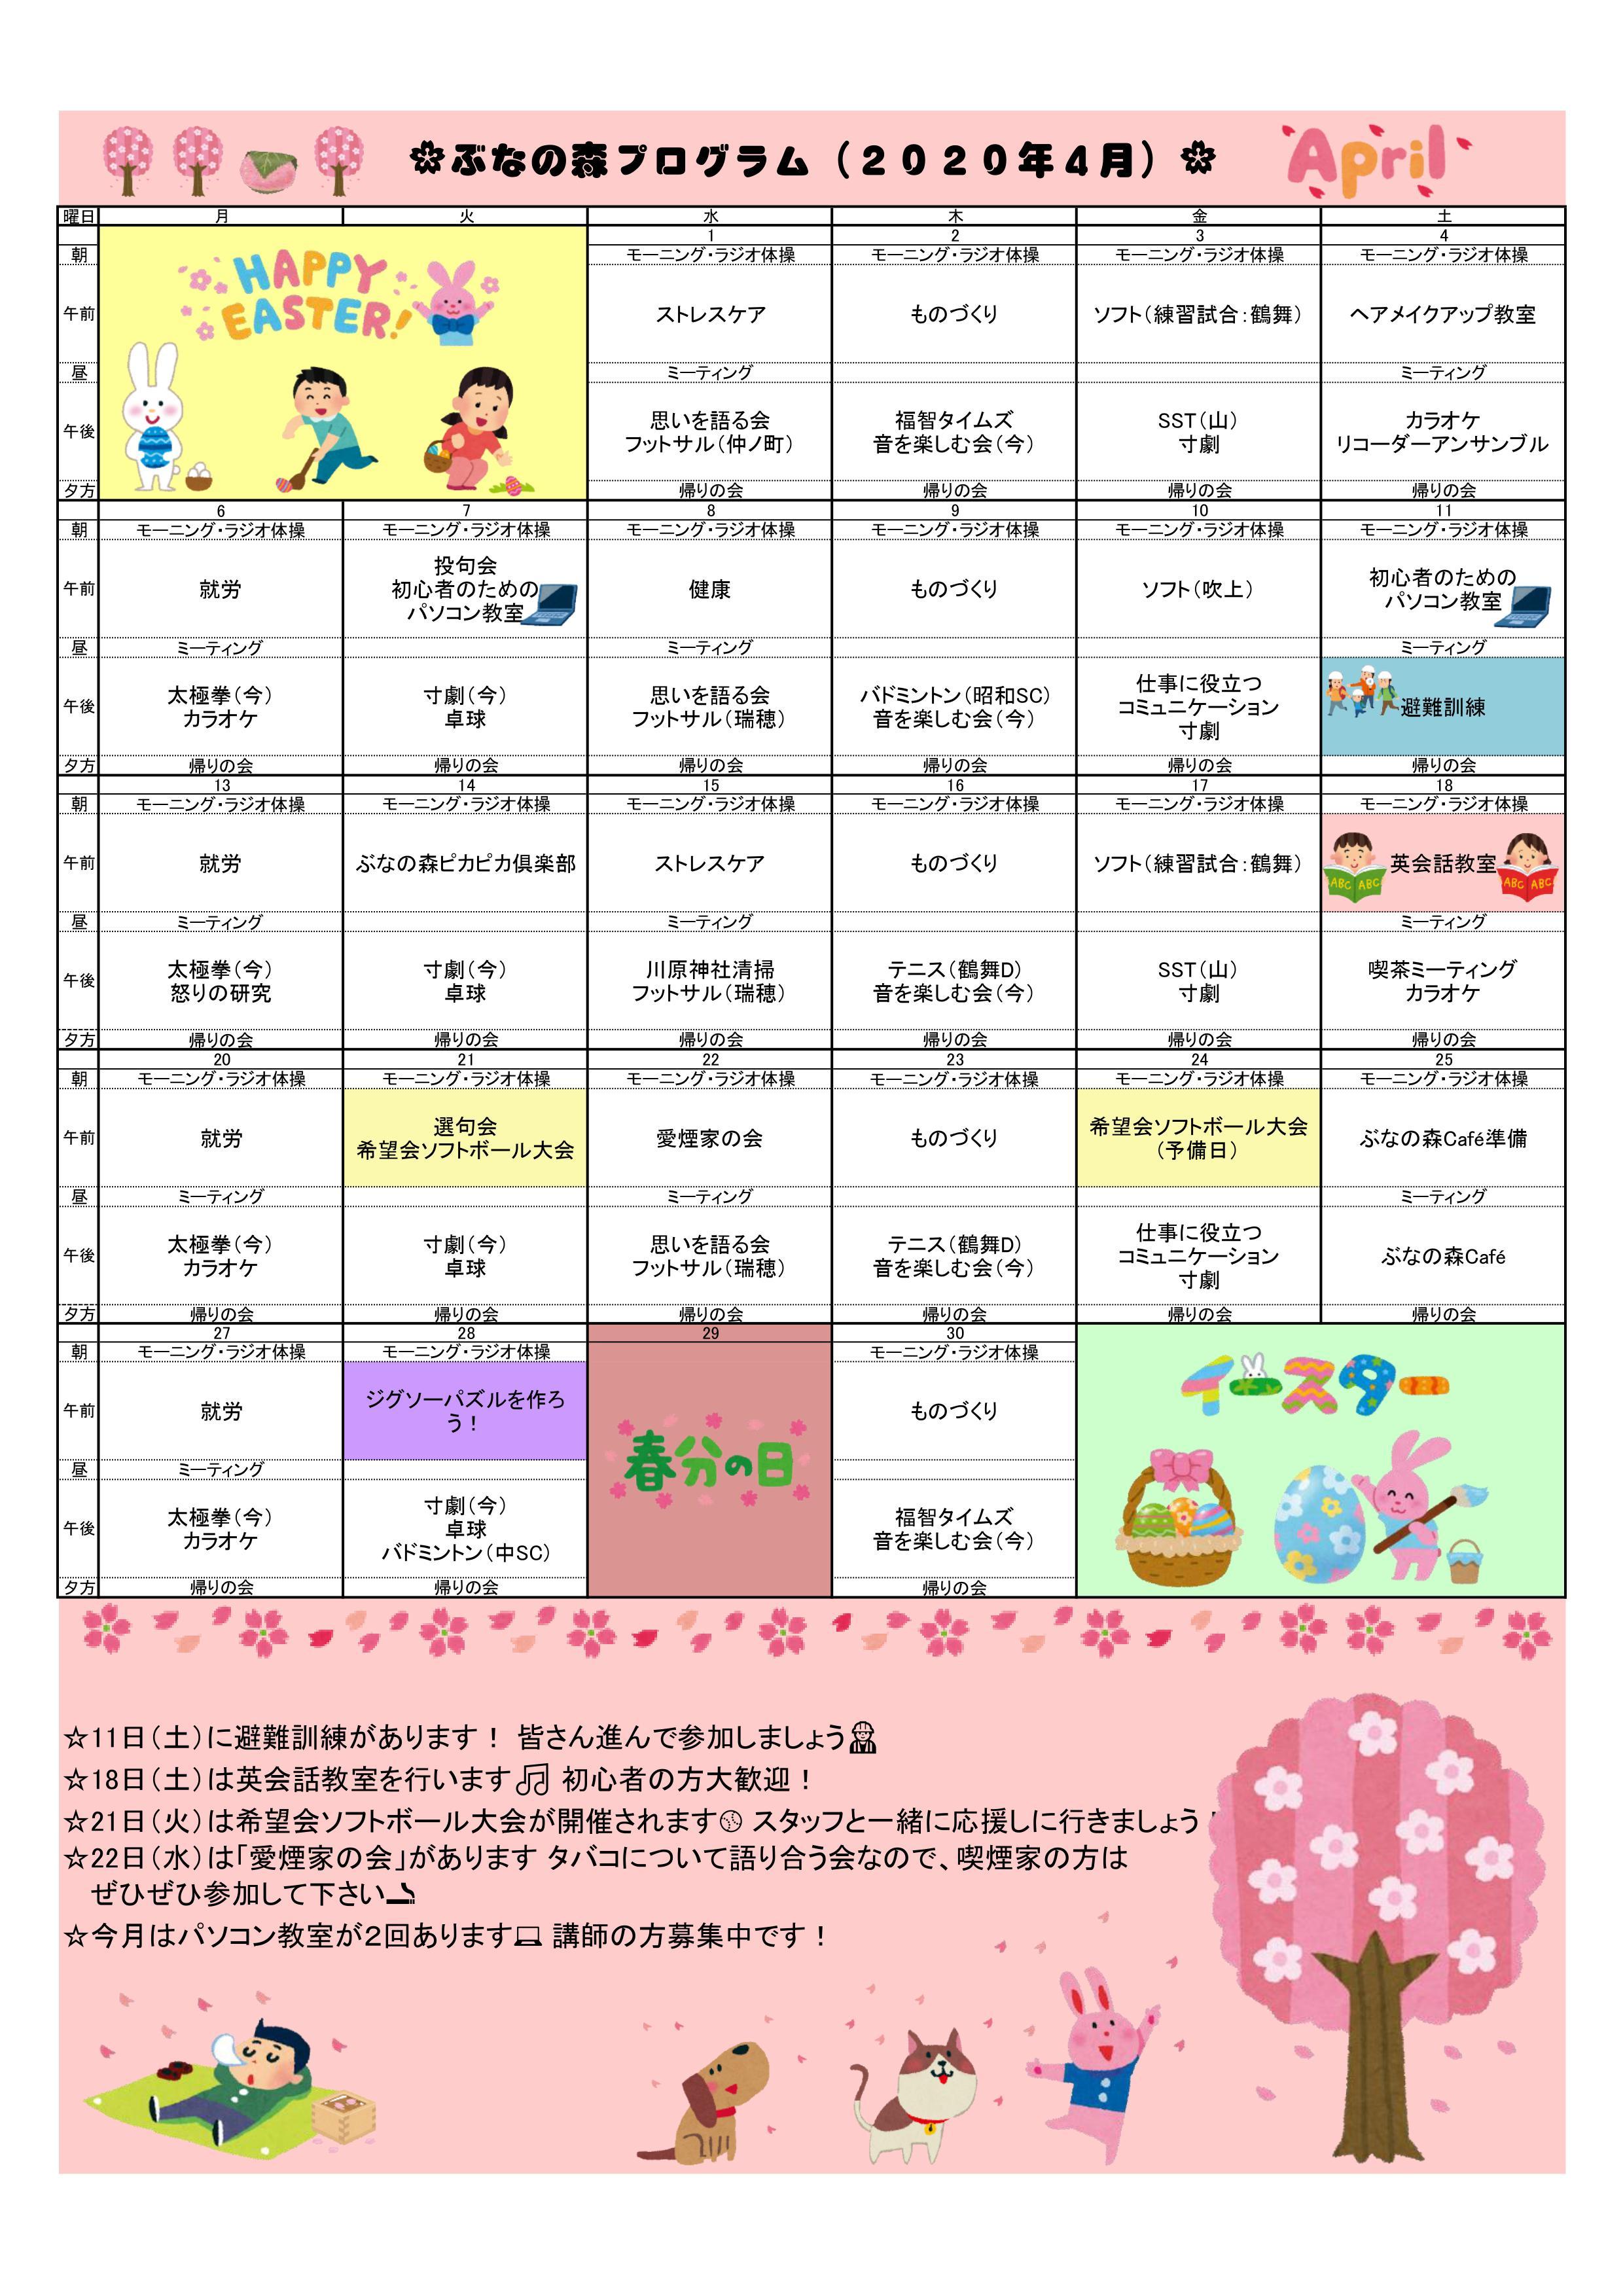 9月プログラム表